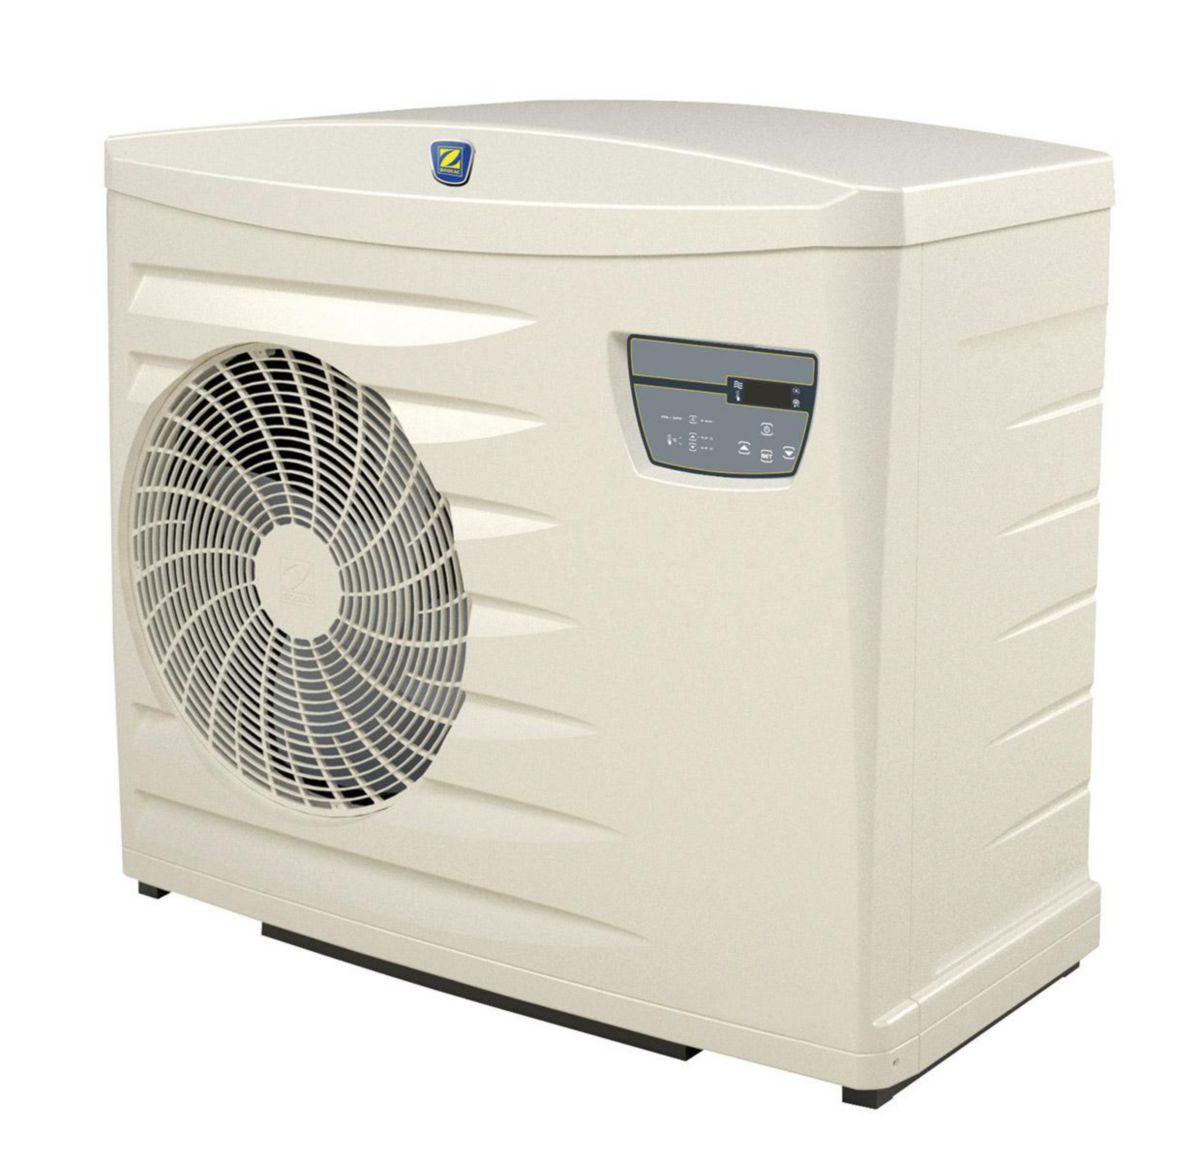 zodiac pompe chaleur de piscine 16 kw pm3061 r f. Black Bedroom Furniture Sets. Home Design Ideas